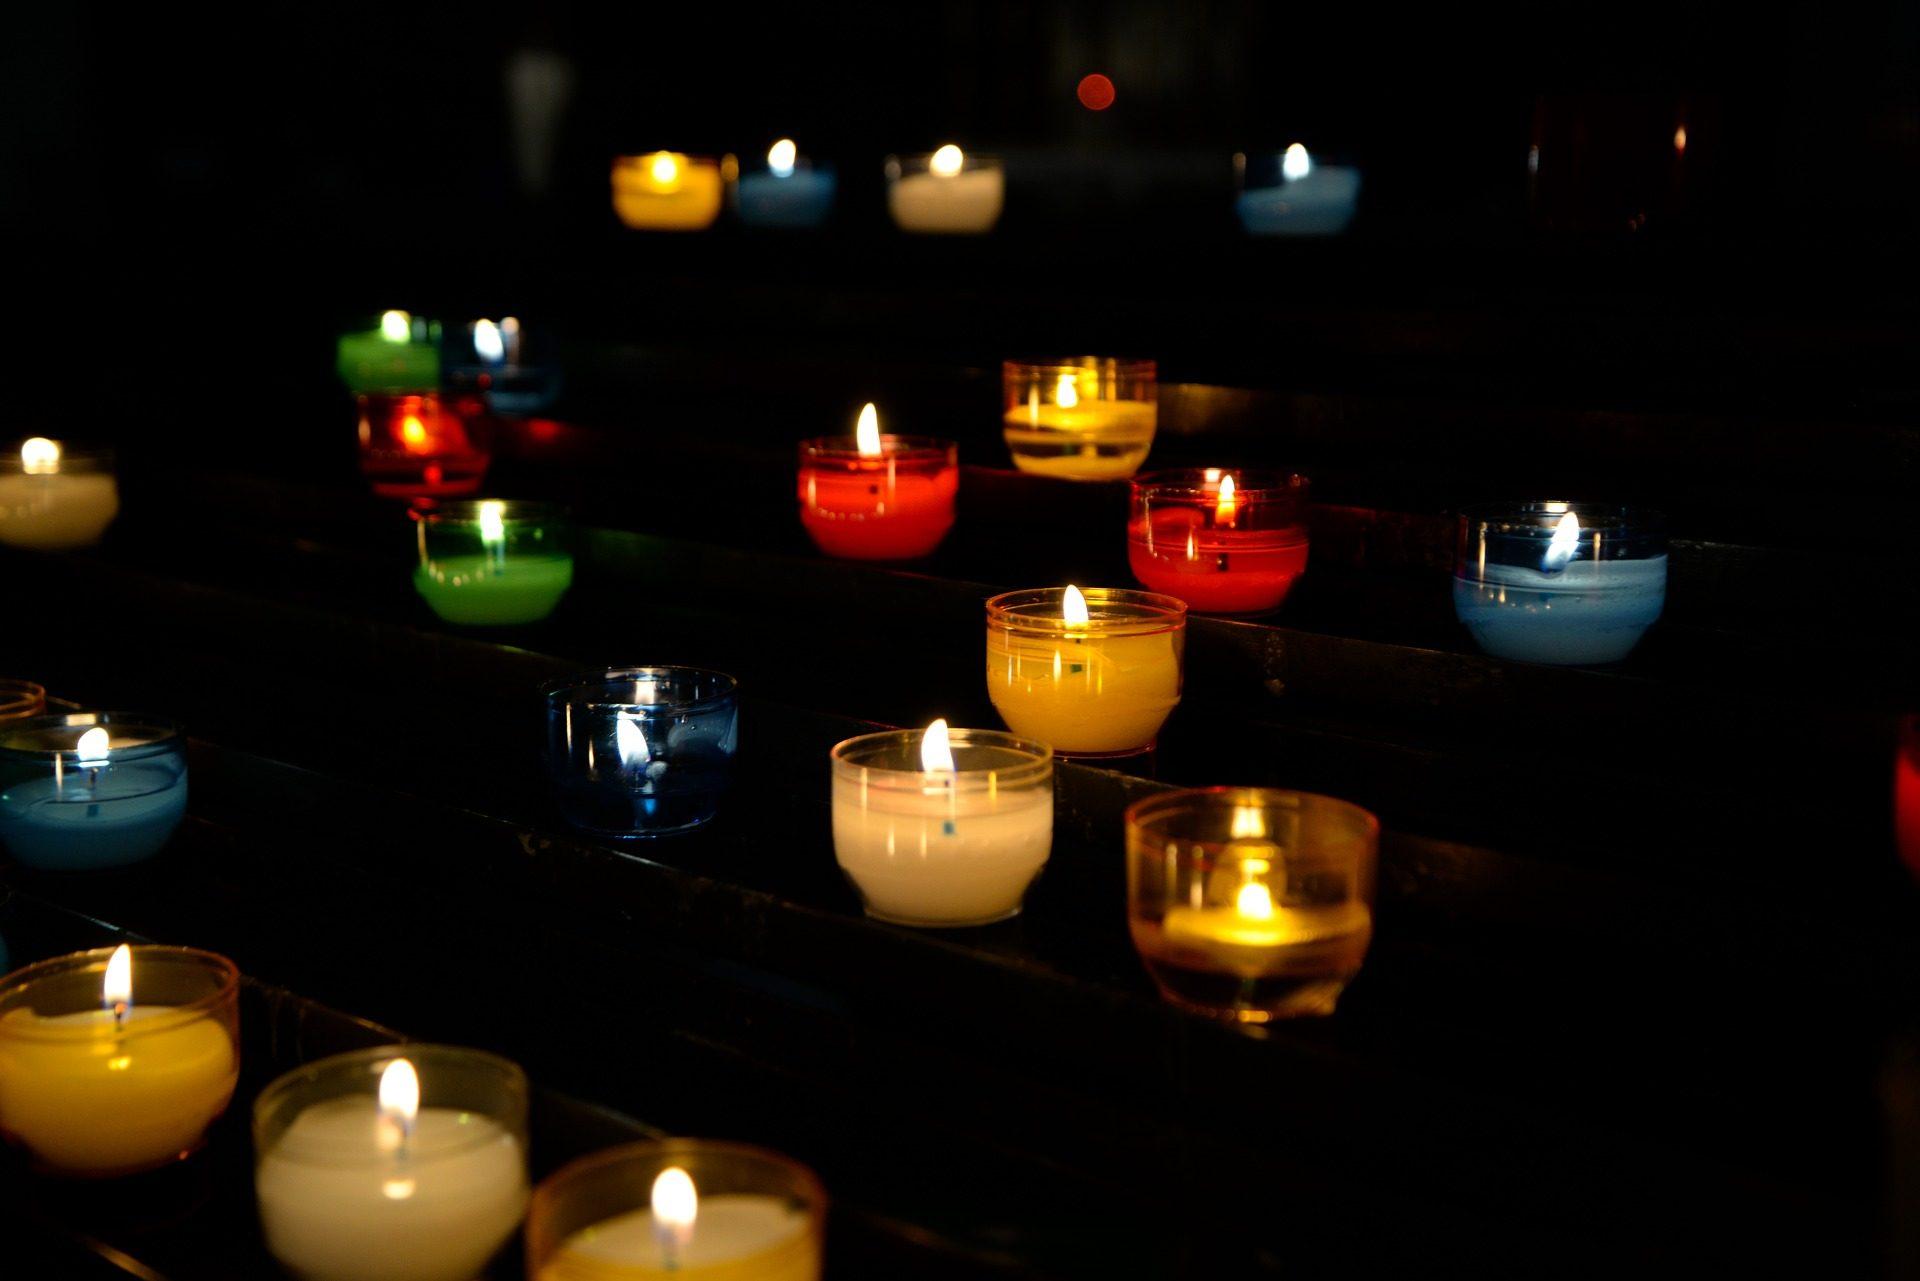 velas, Flames, luzes, escuridão, colorido - Papéis de parede HD - Professor-falken.com